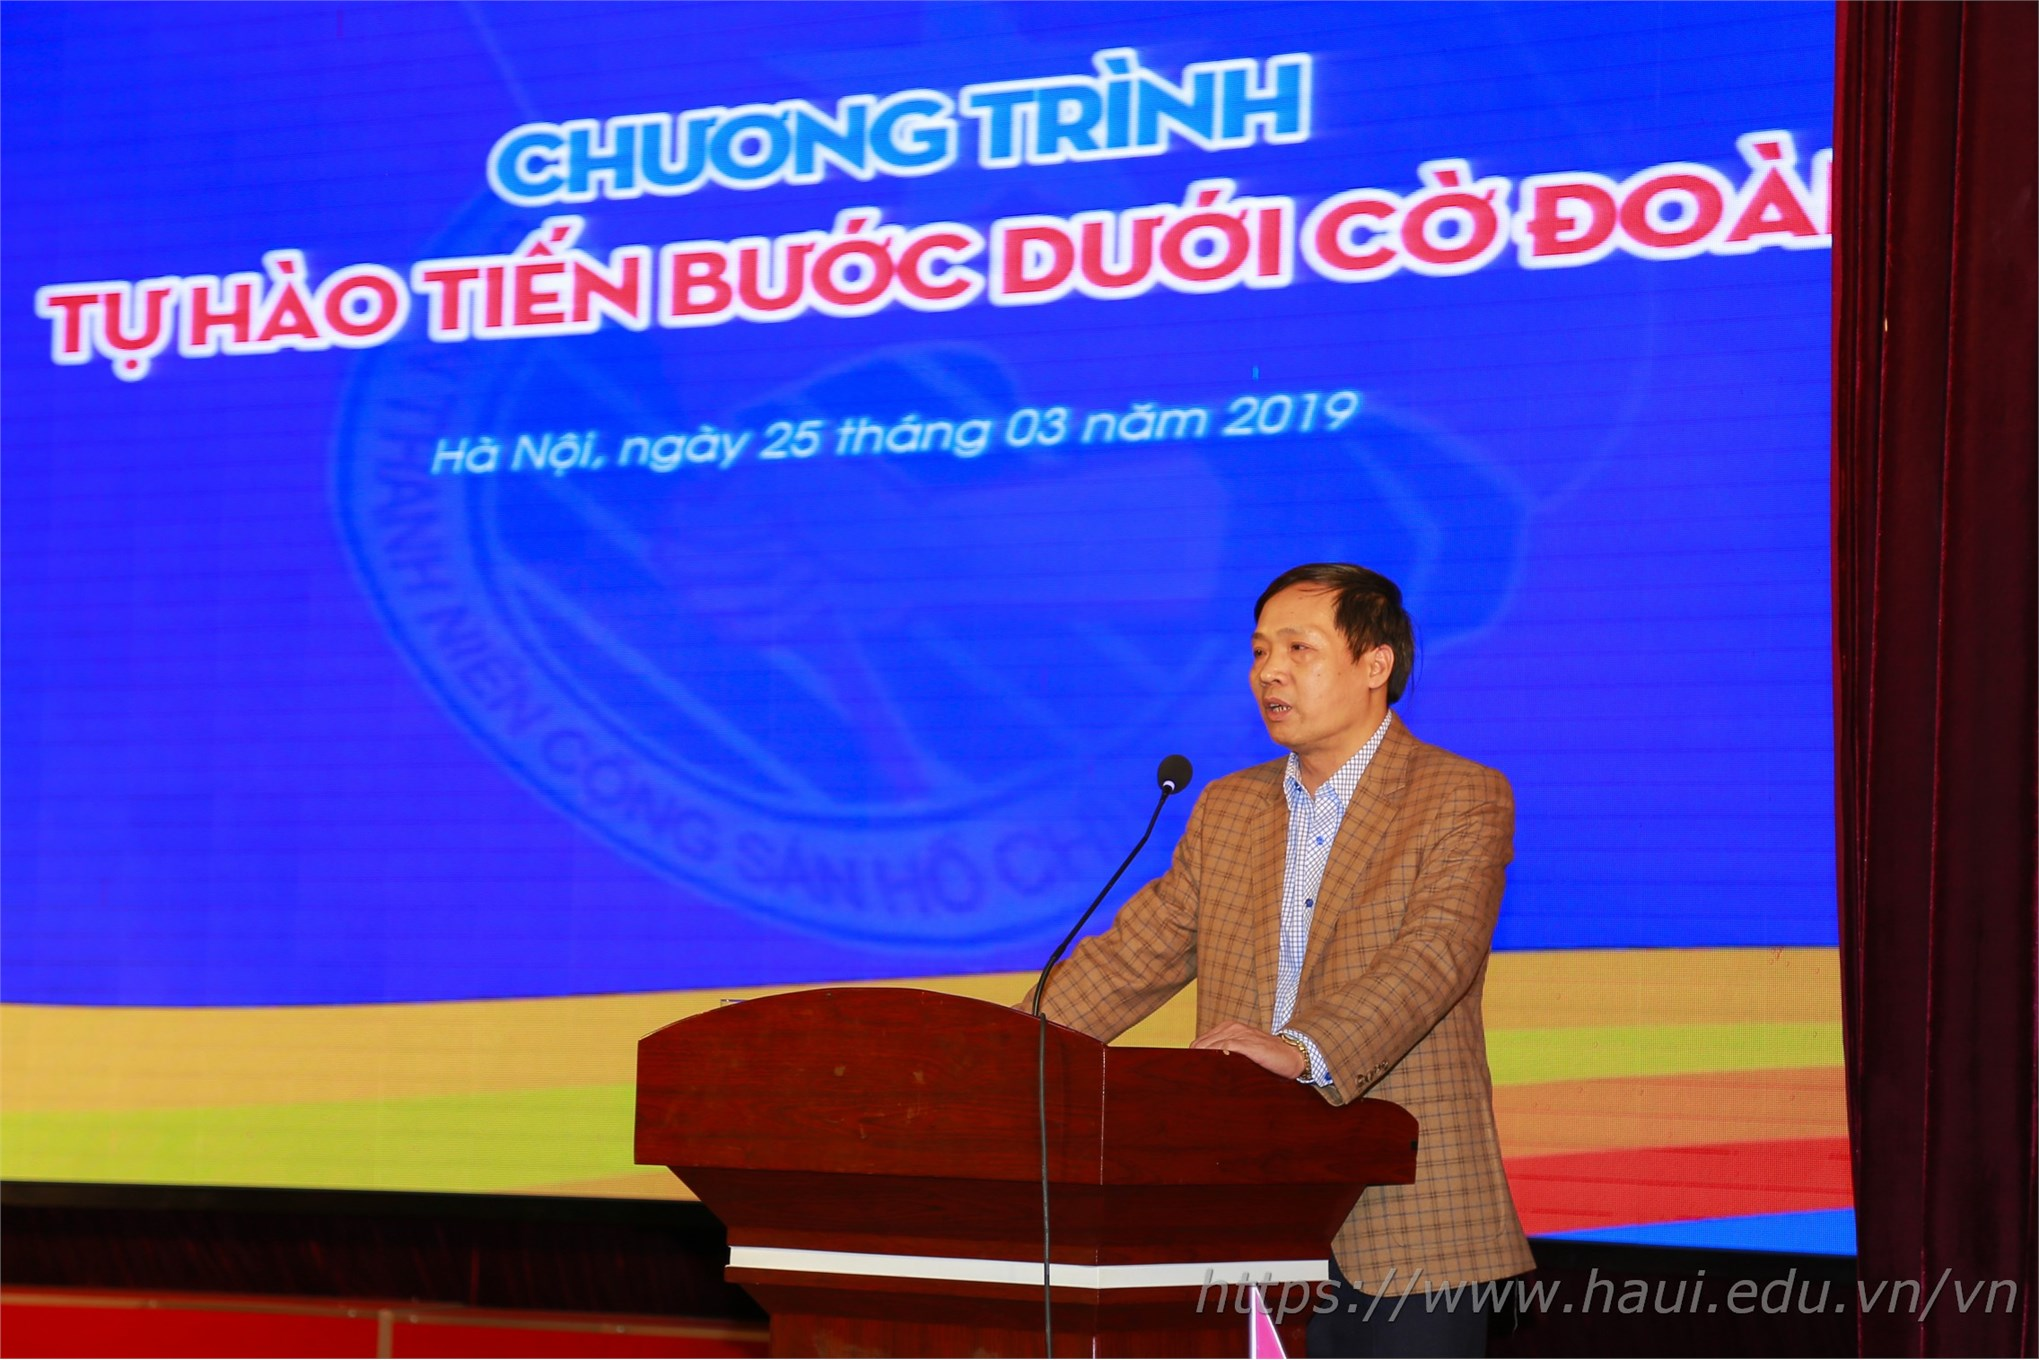 Chào mừng 88 năm ngày thành lập Đoàn TNCS Hồ Chí Minh (26/3/1931 - 26/3/2019)